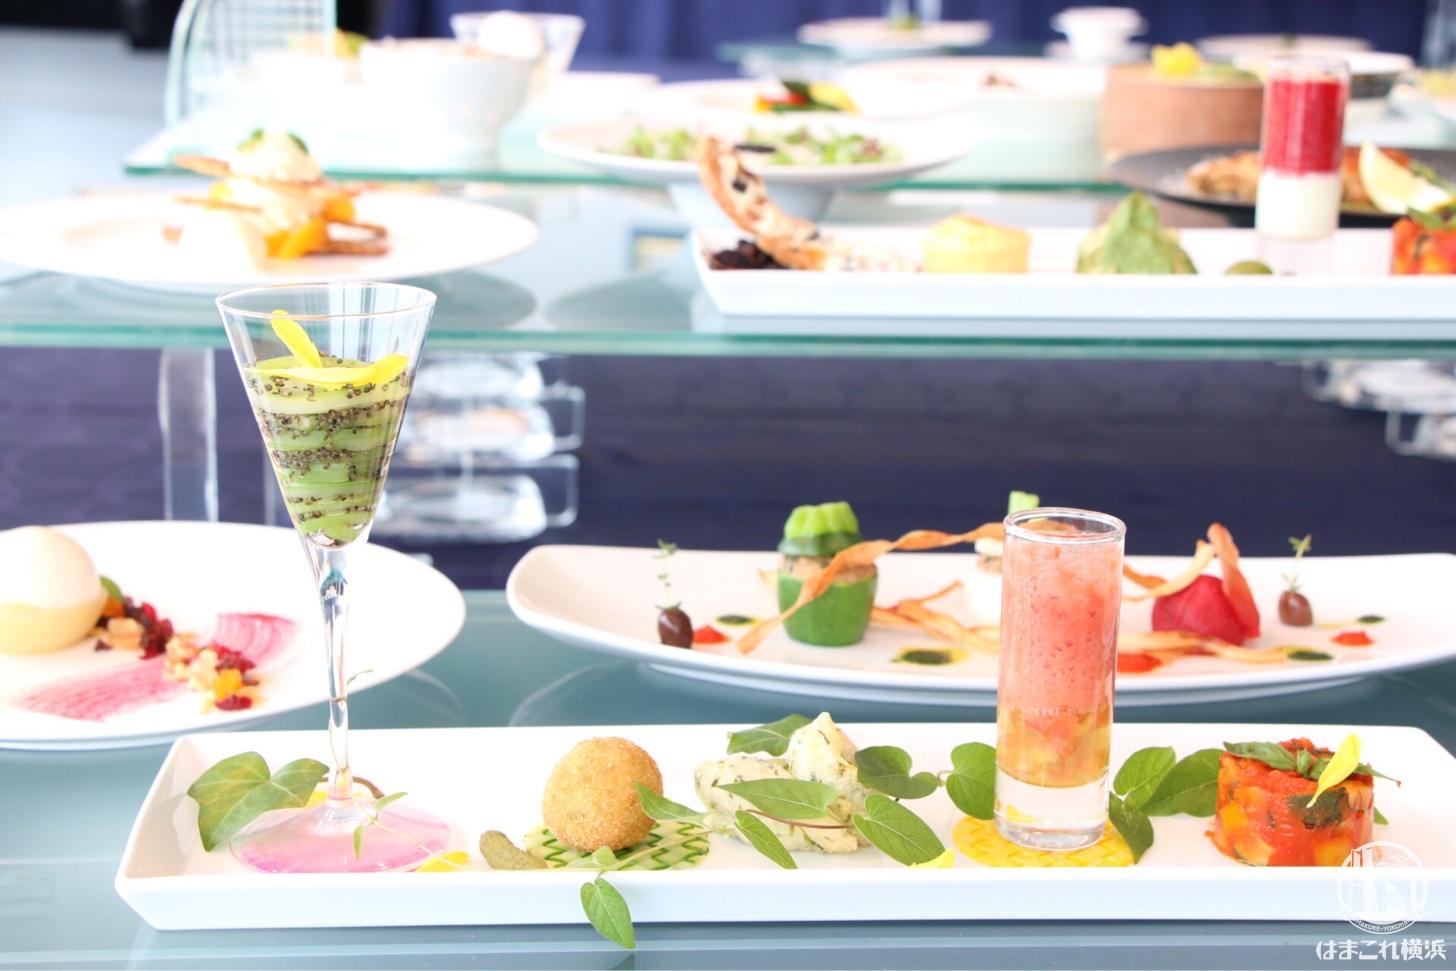 横浜 インターコンチネンタルホテル 常識を超えたベジタリアン・ビーガンメニューを新たに提供